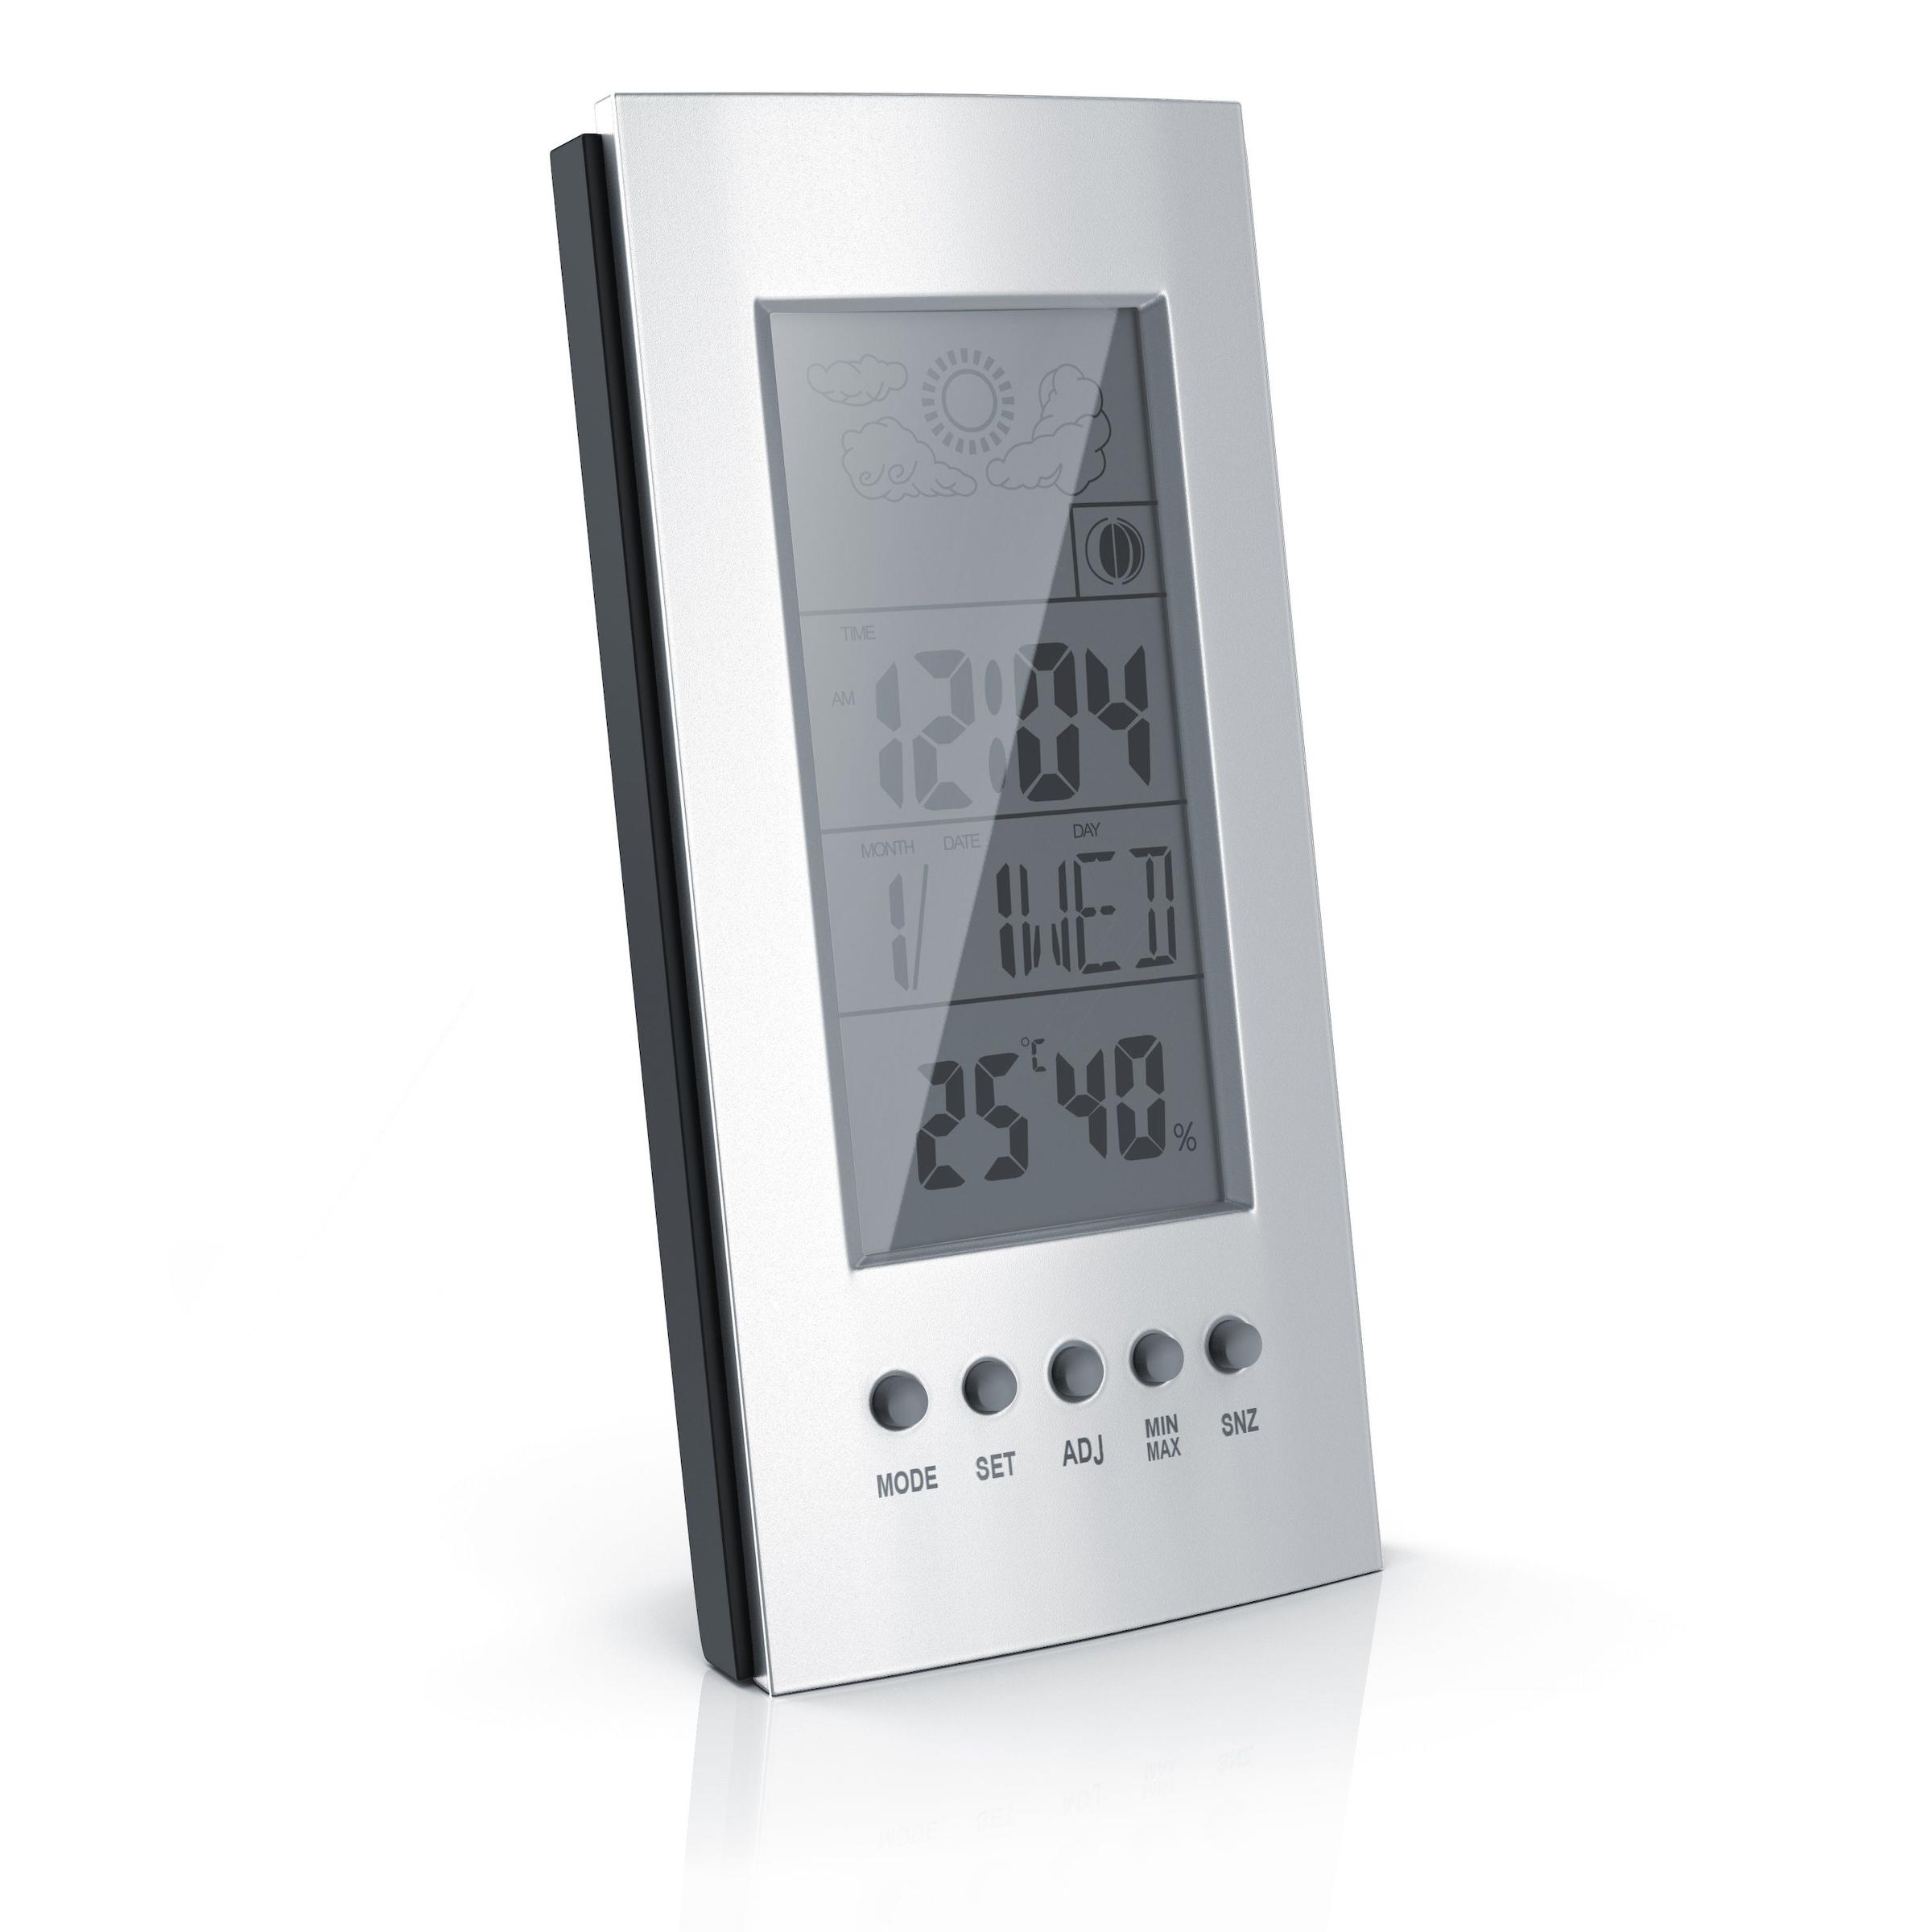 Innenbereich Mini Digital LCD Thermometer Hygrometer Feuchtigkeit Temperatur Met